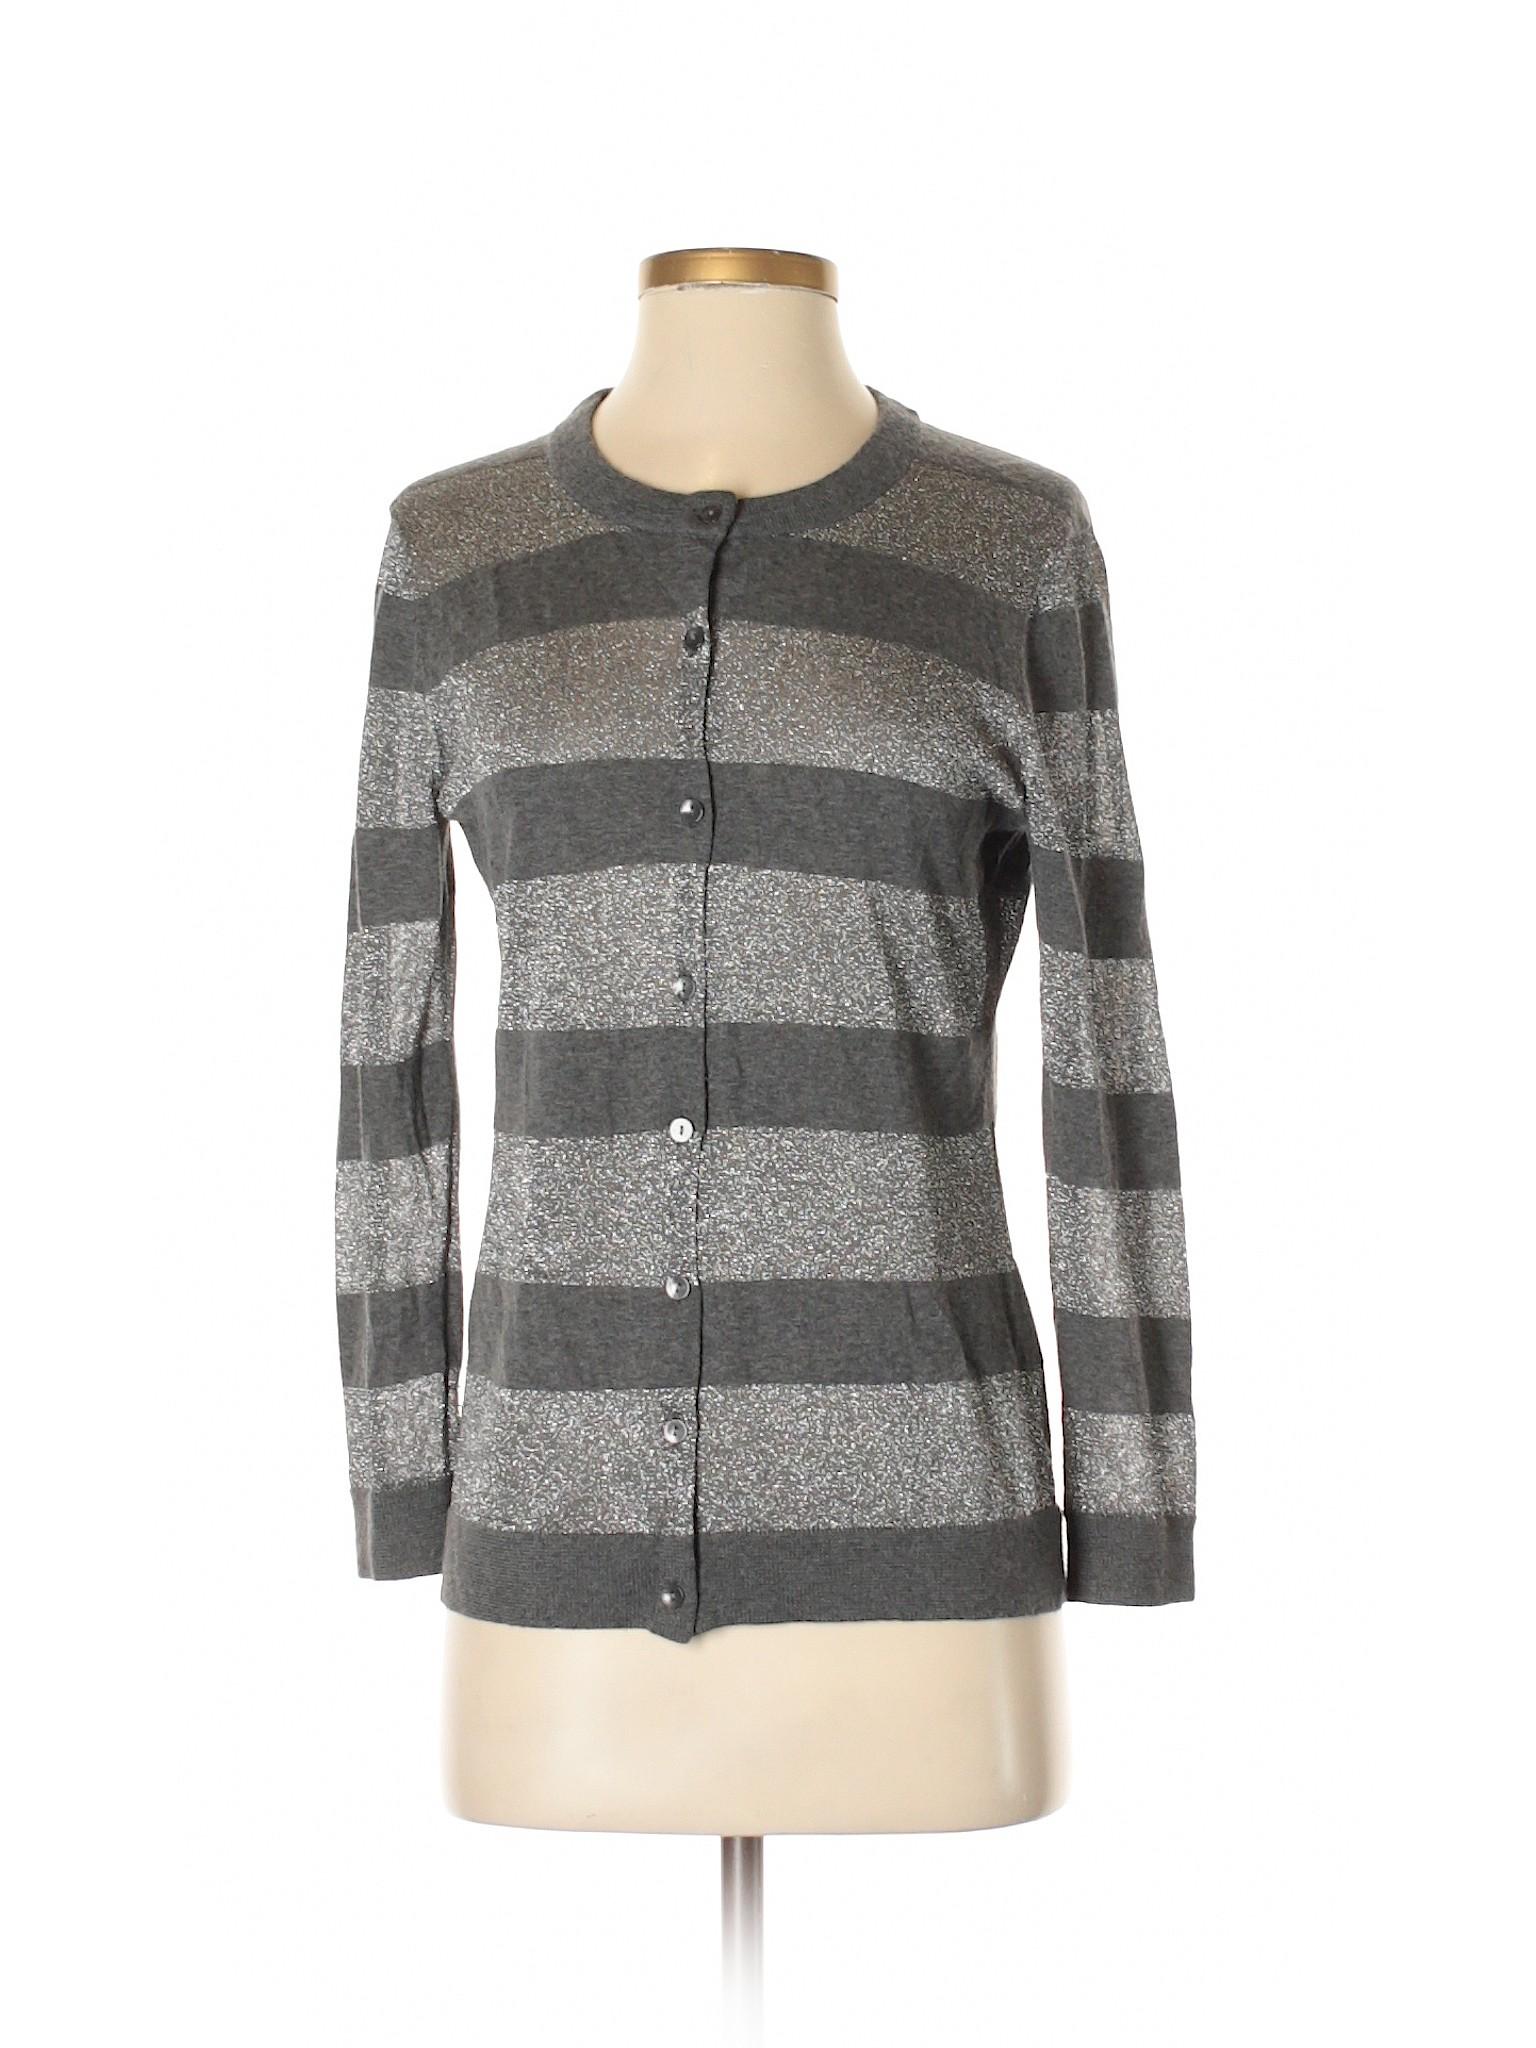 Taylor Boutique Wool Cardigan Wool Taylor Ann Taylor Wool Ann Boutique Boutique Ann Cardigan AwqI0rw4